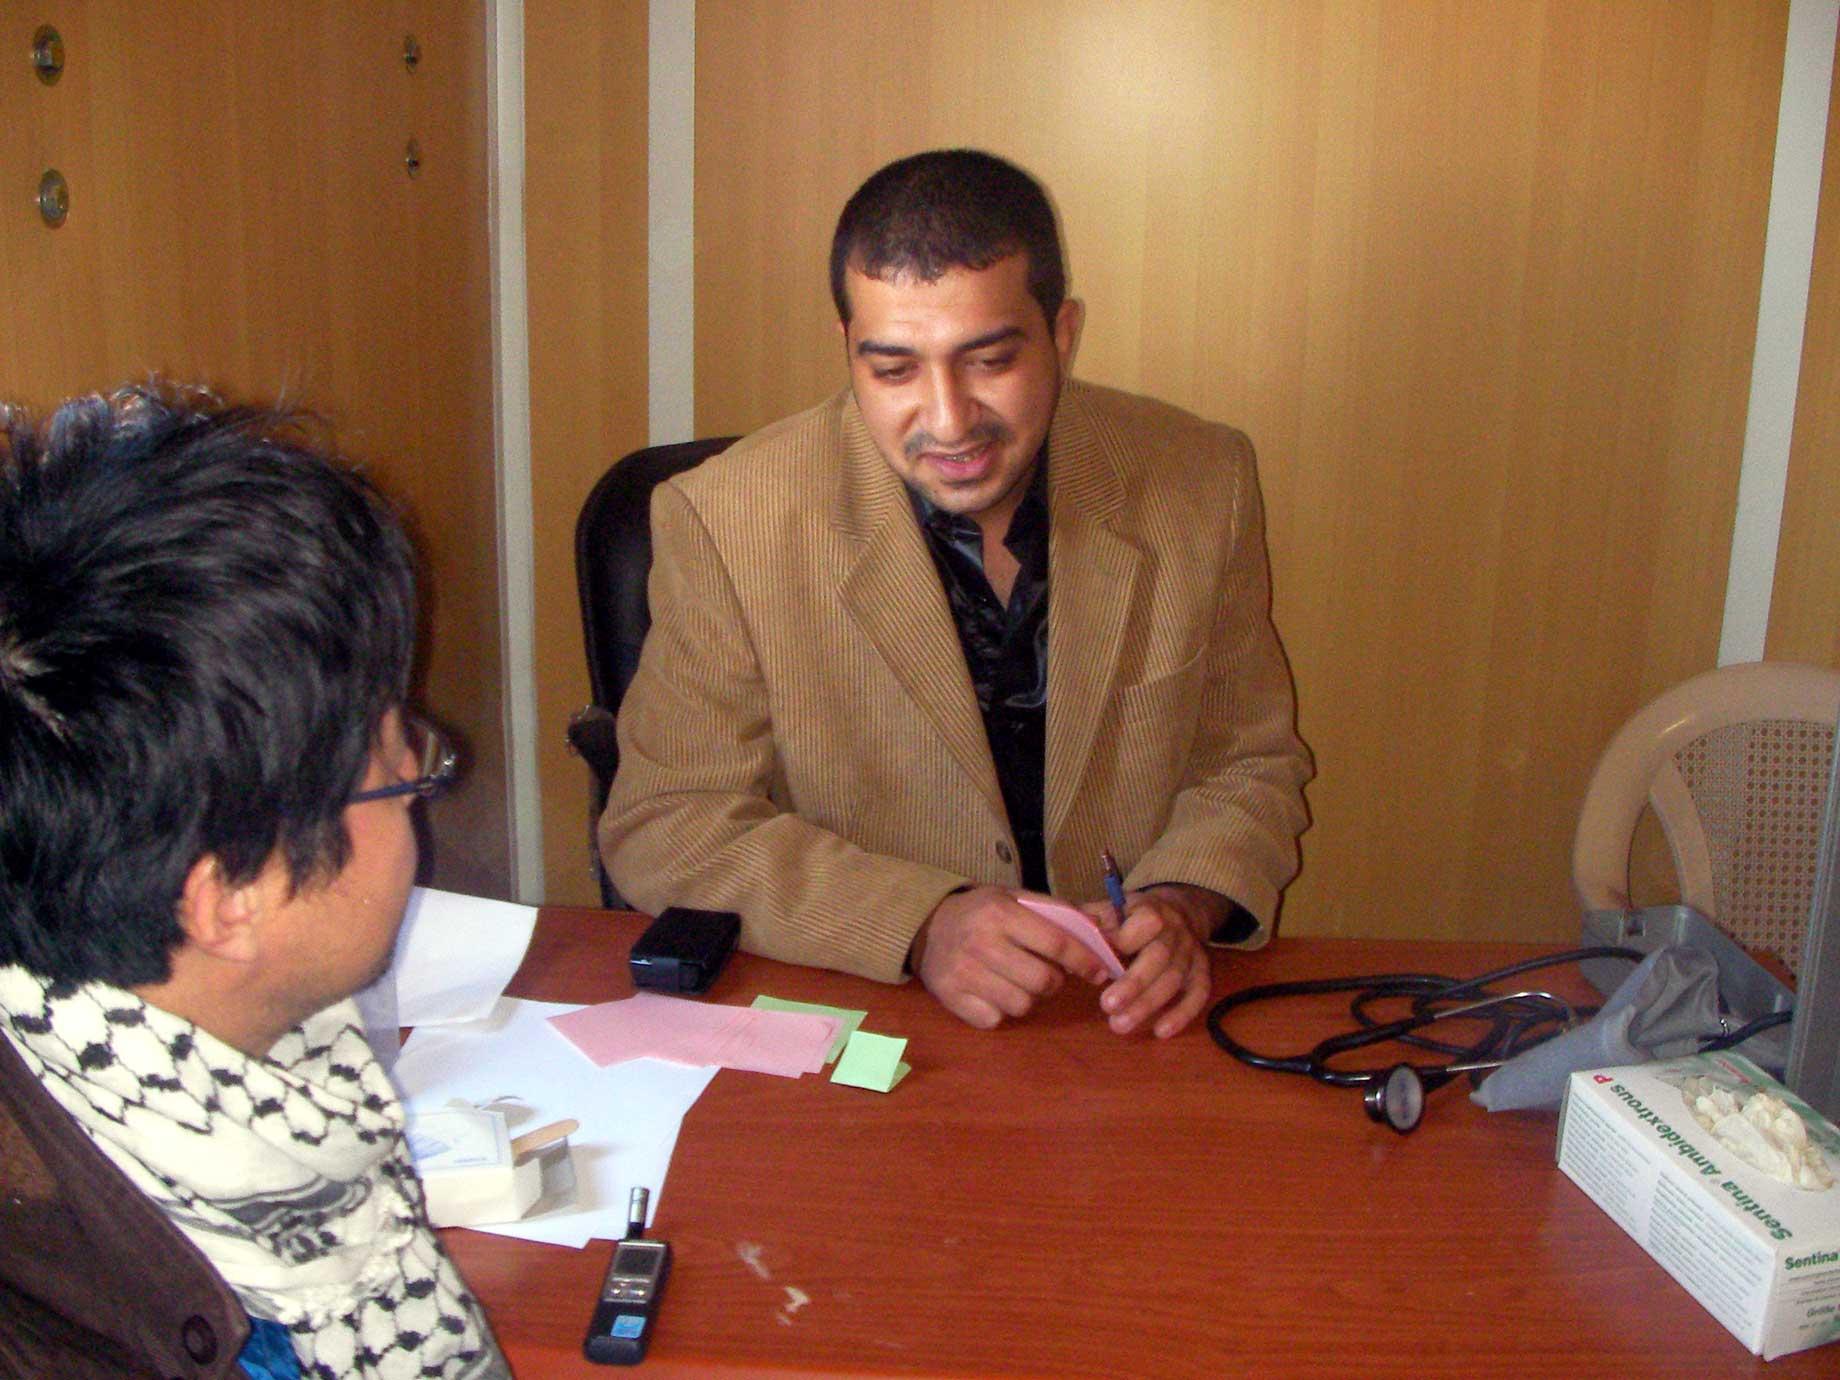 難民キャンプ訪問 その2(シリア・イラク国境)_f0155297_6465632.jpg